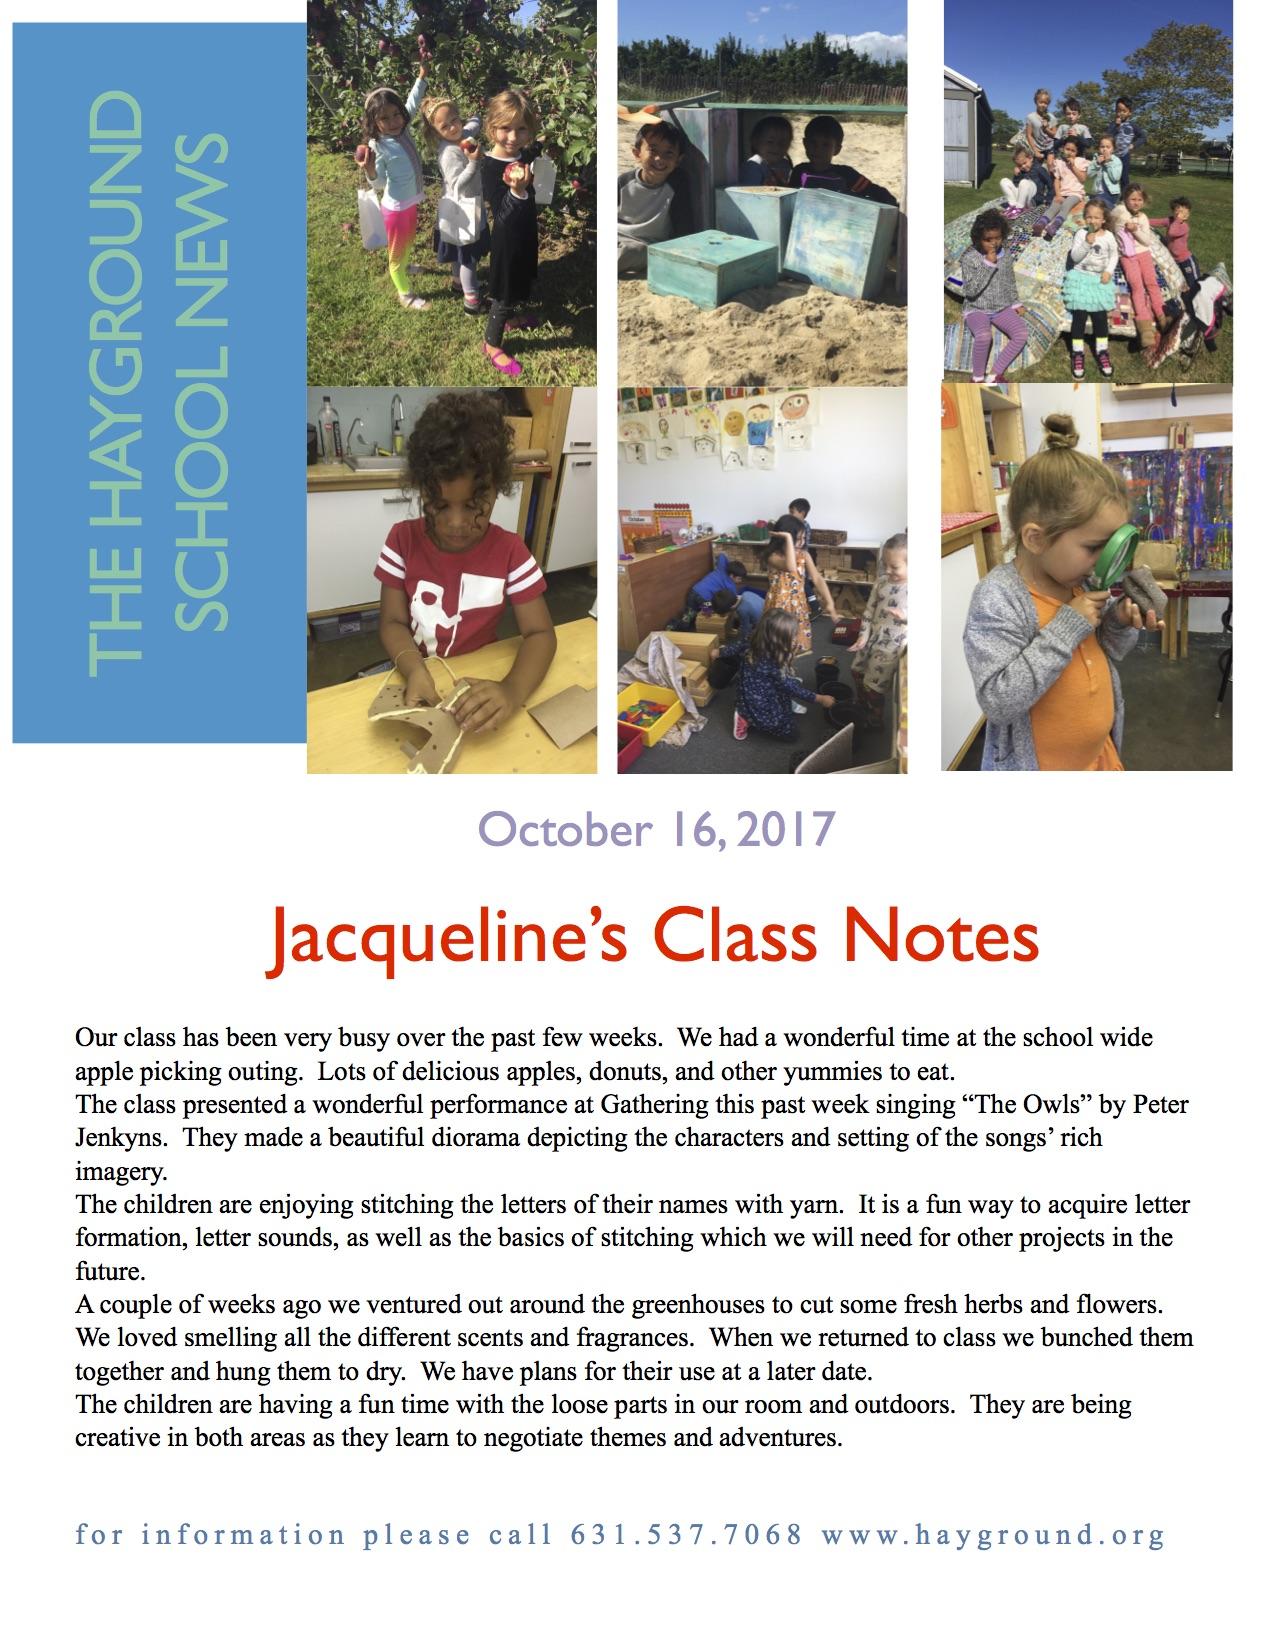 Class Notes, Oct 16, 2017 copy.jpg